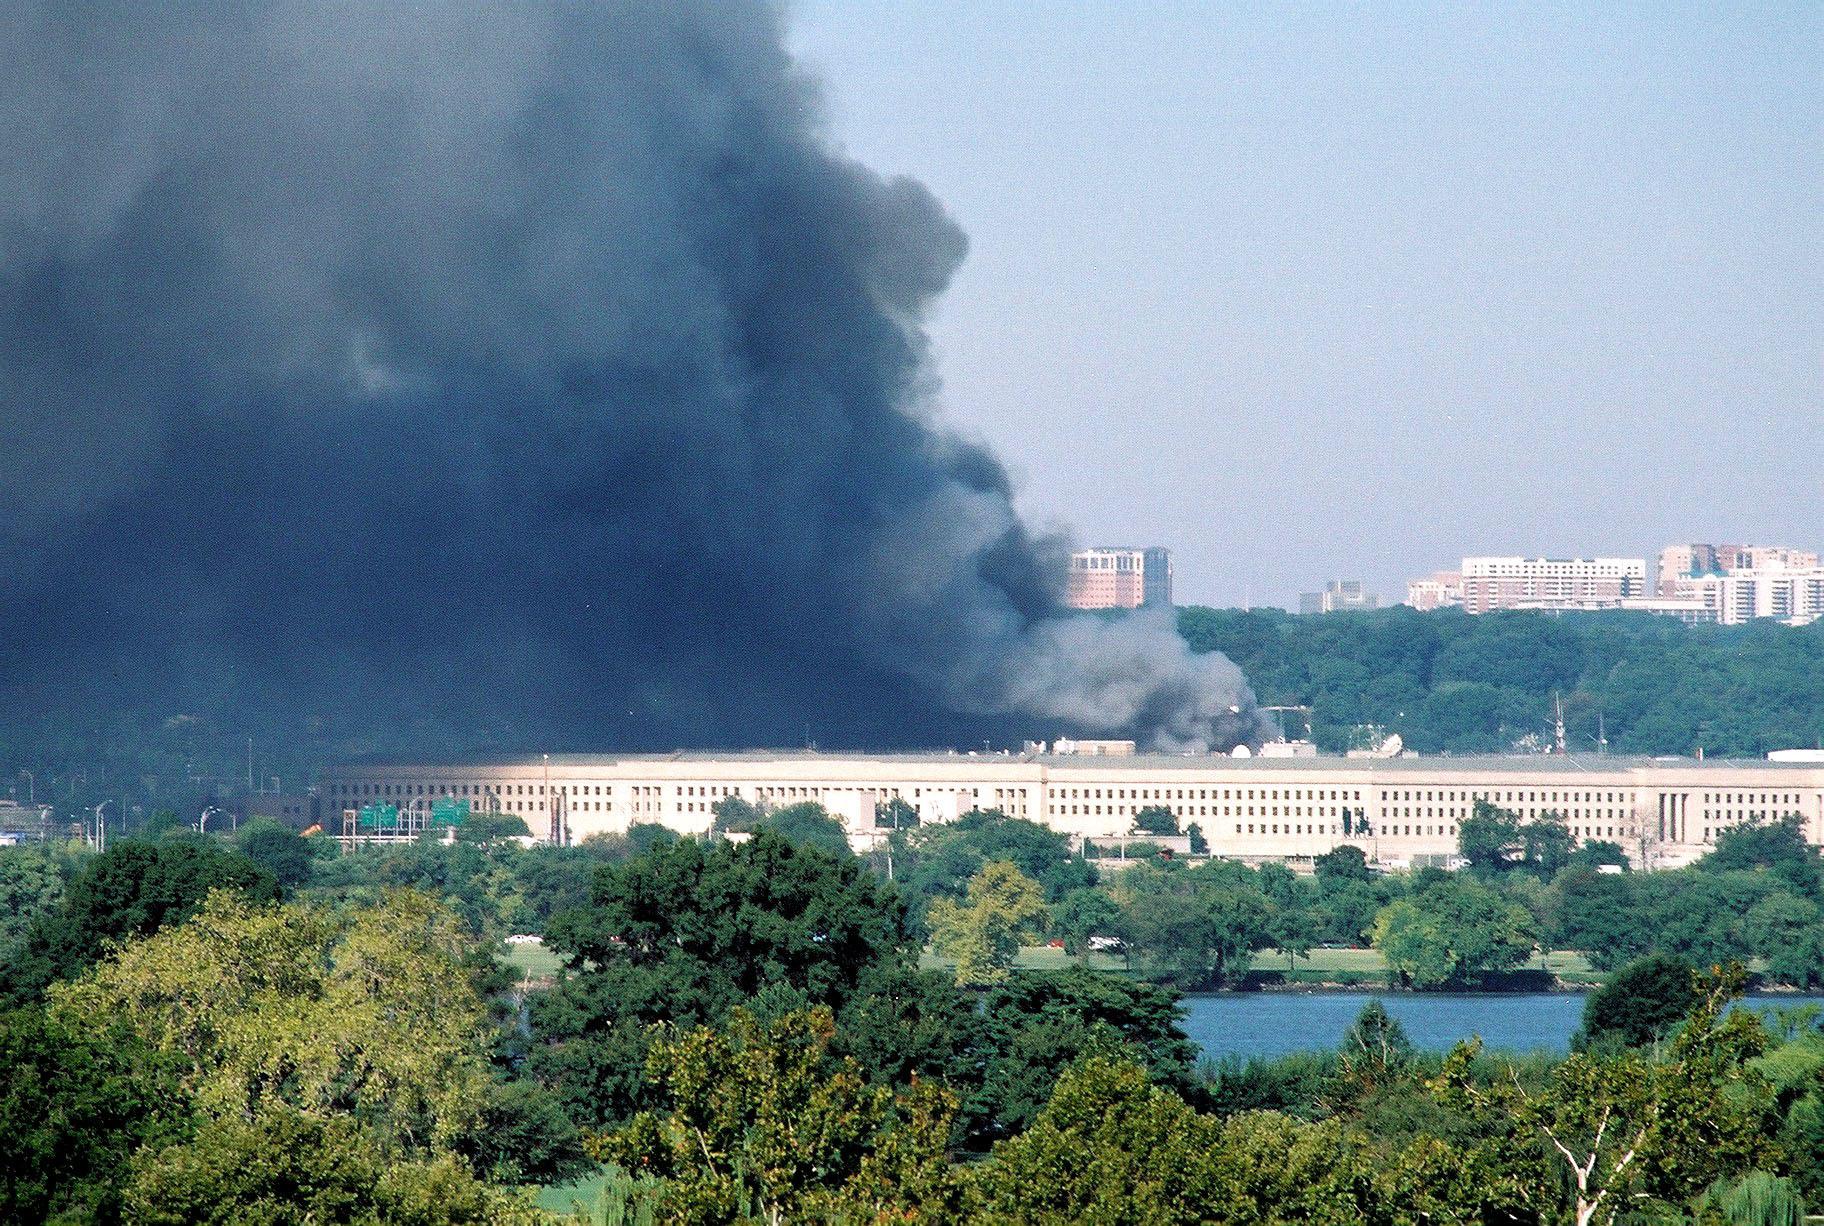 Photos The 9 11 Attacks Management Govexec Com